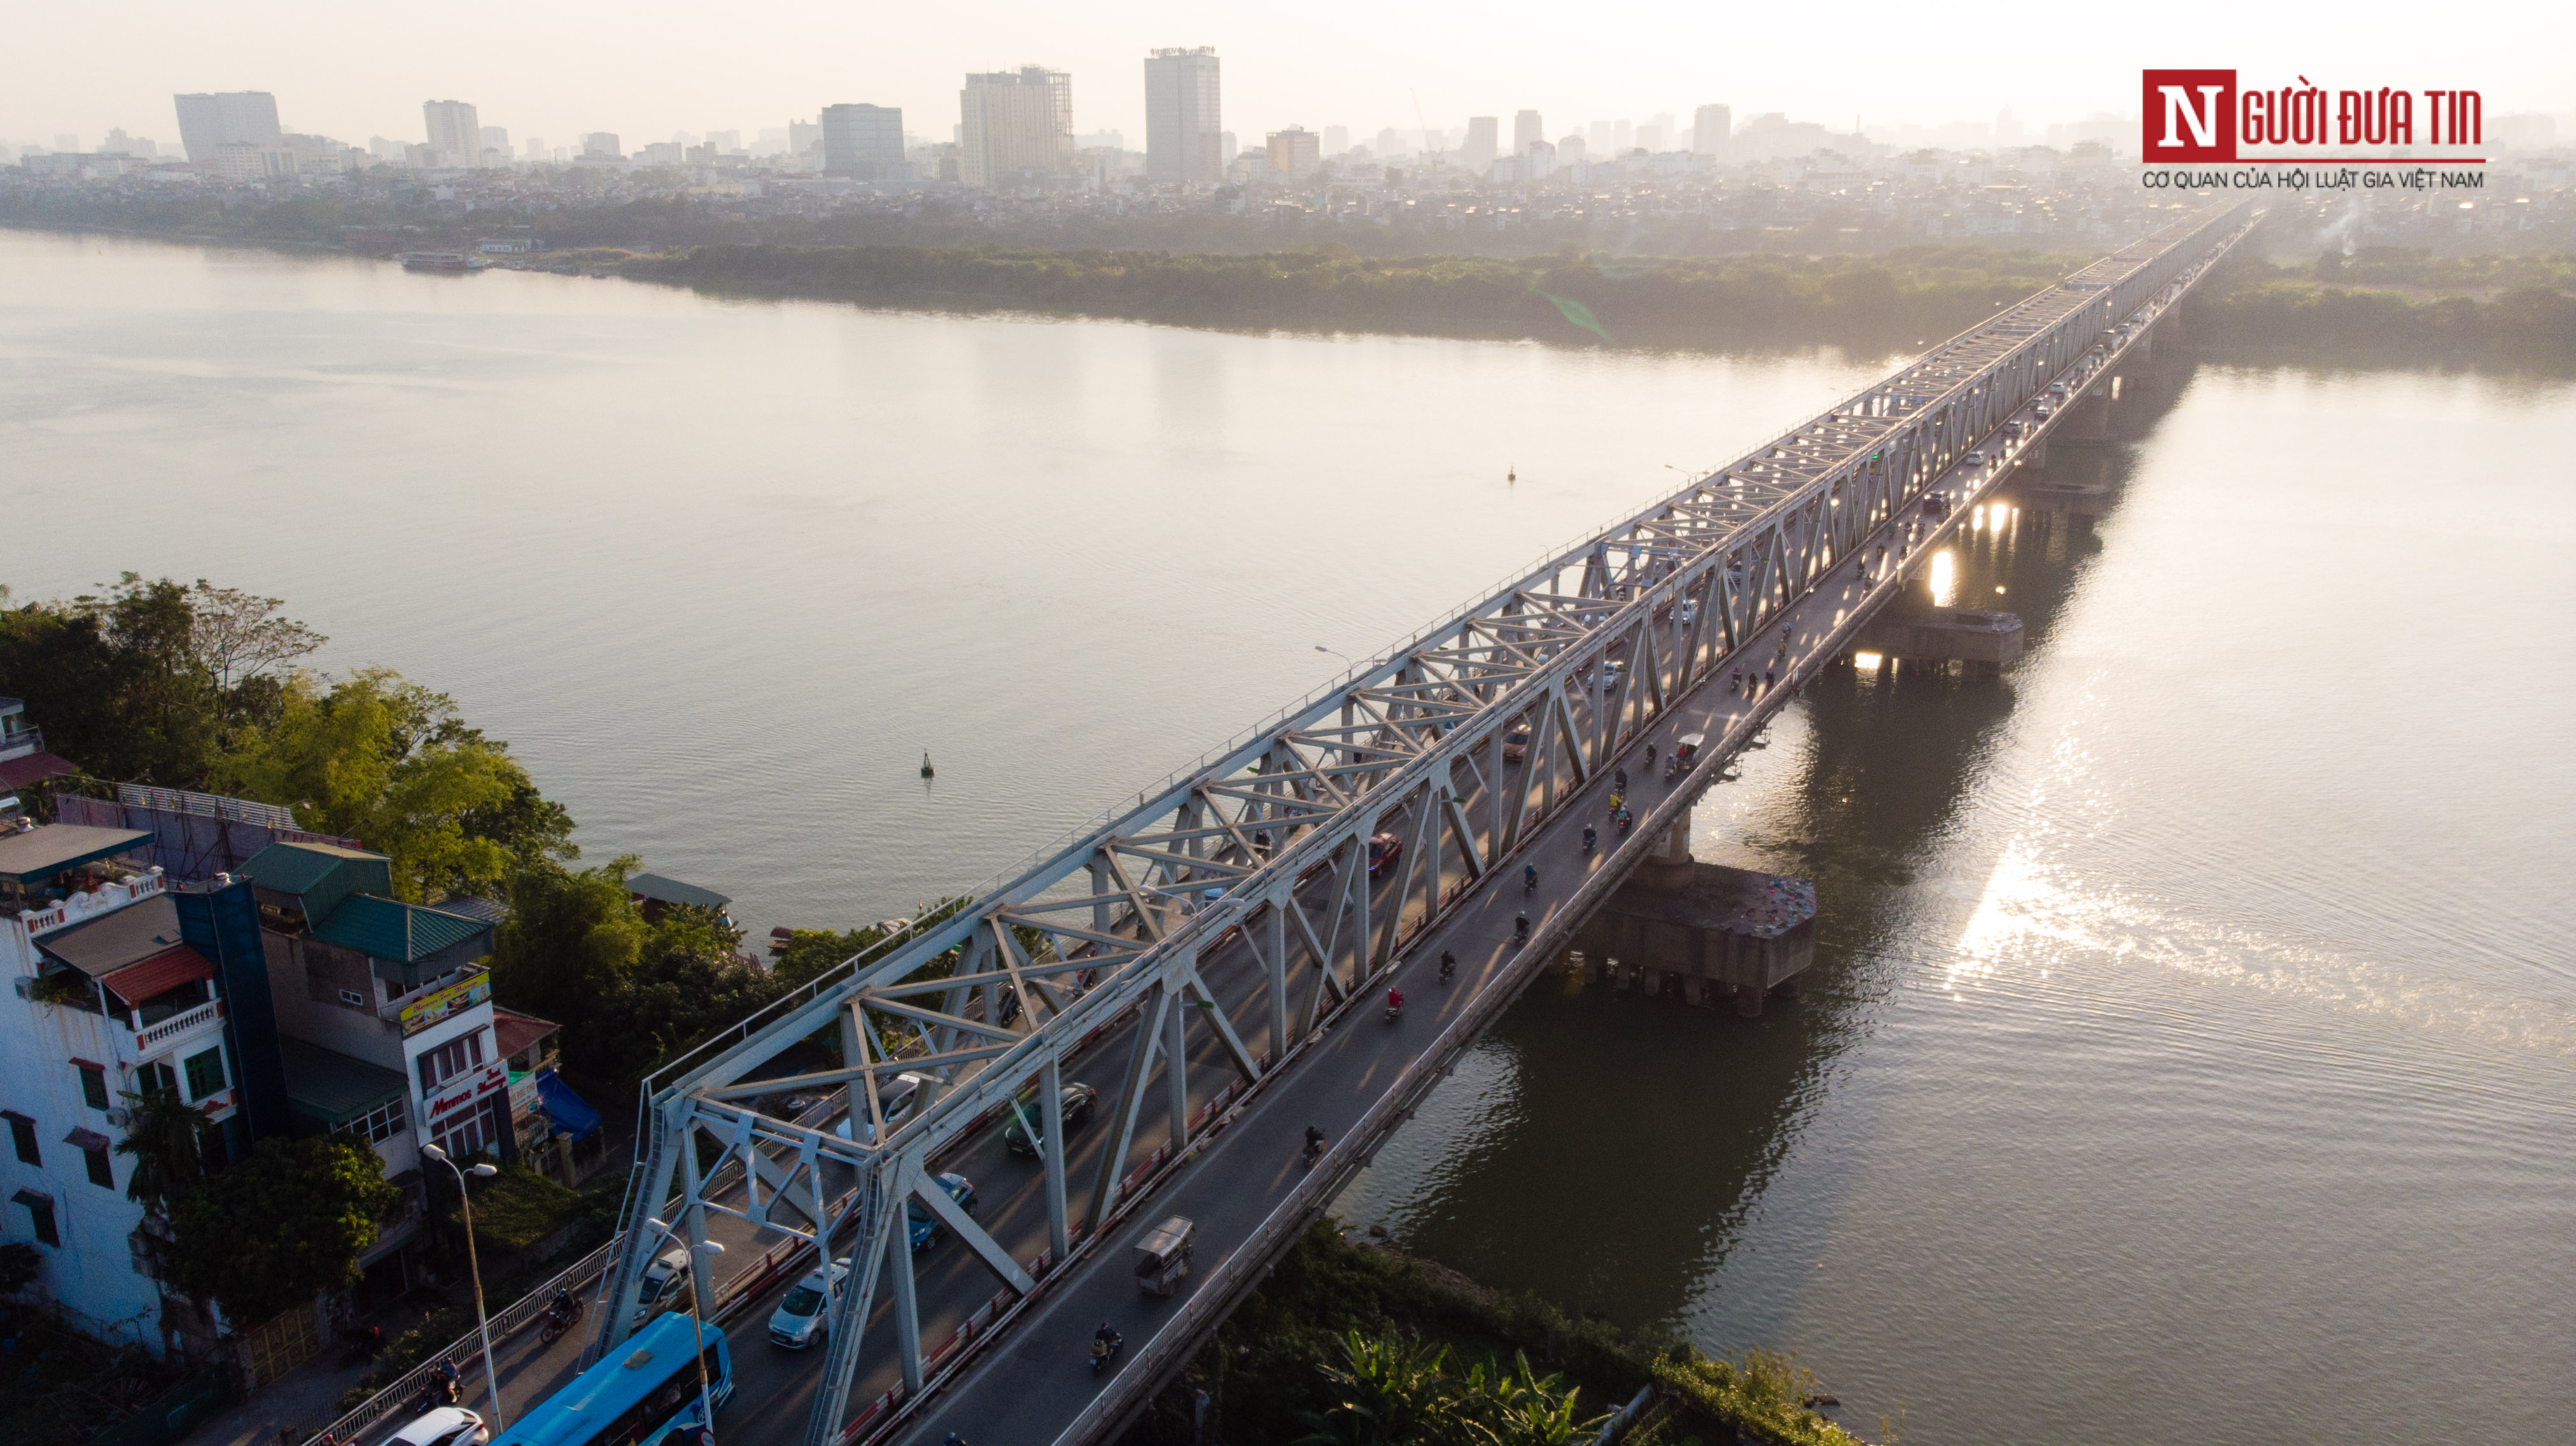 Tin nhanh - Chiêm ngưỡng 6 cây cầu bắc qua sông Hồng nối trung tâm Hà Nội (Hình 4).